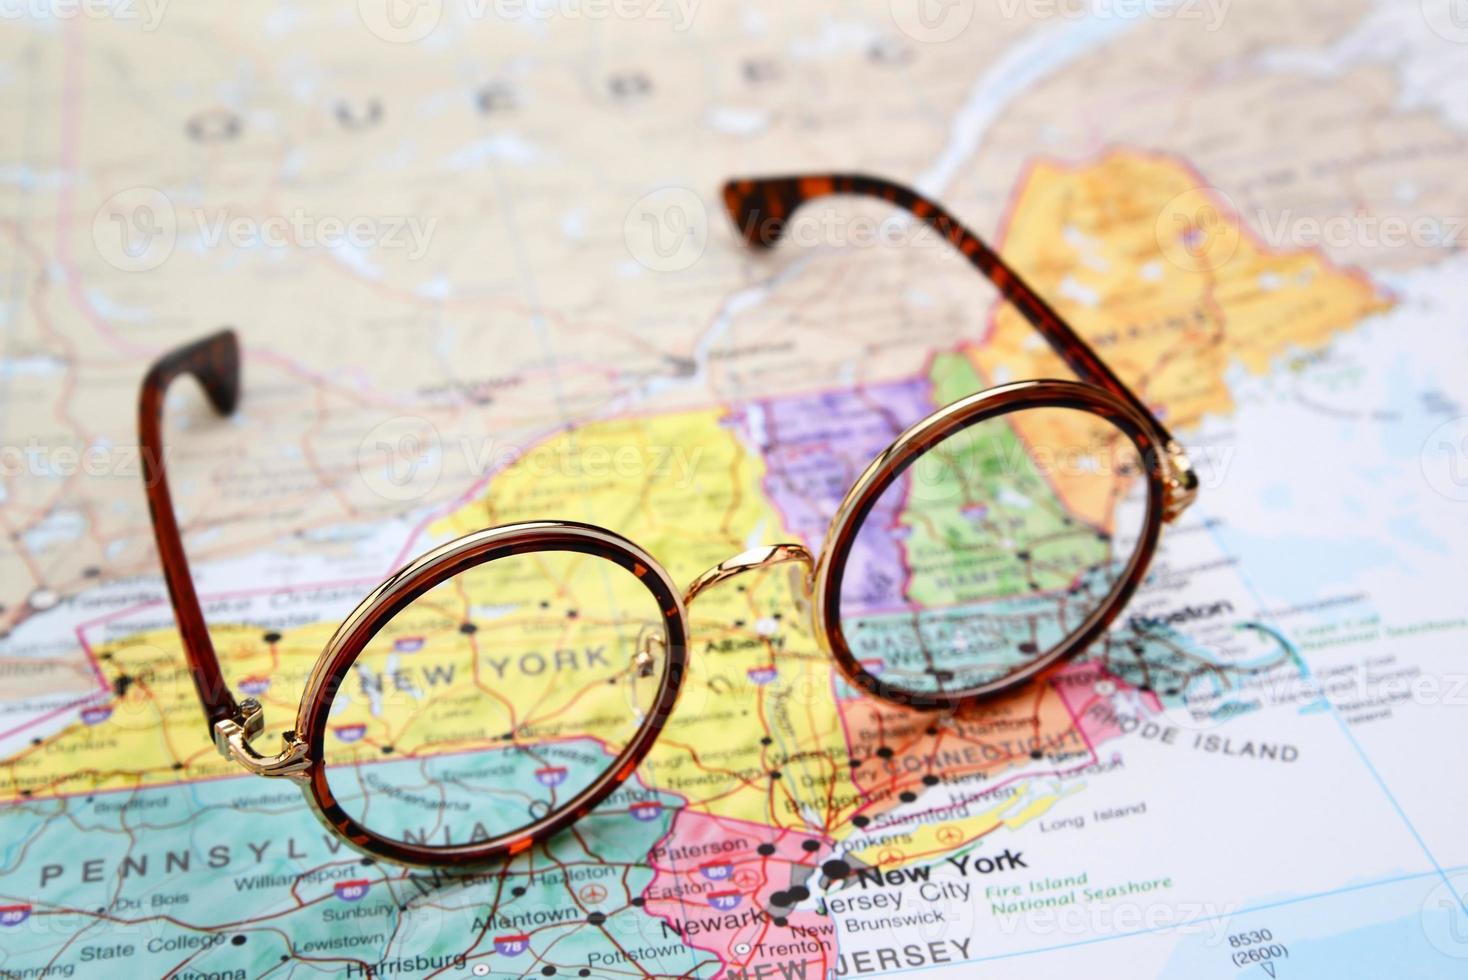 occhiali su una mappa degli Stati Uniti - New York foto